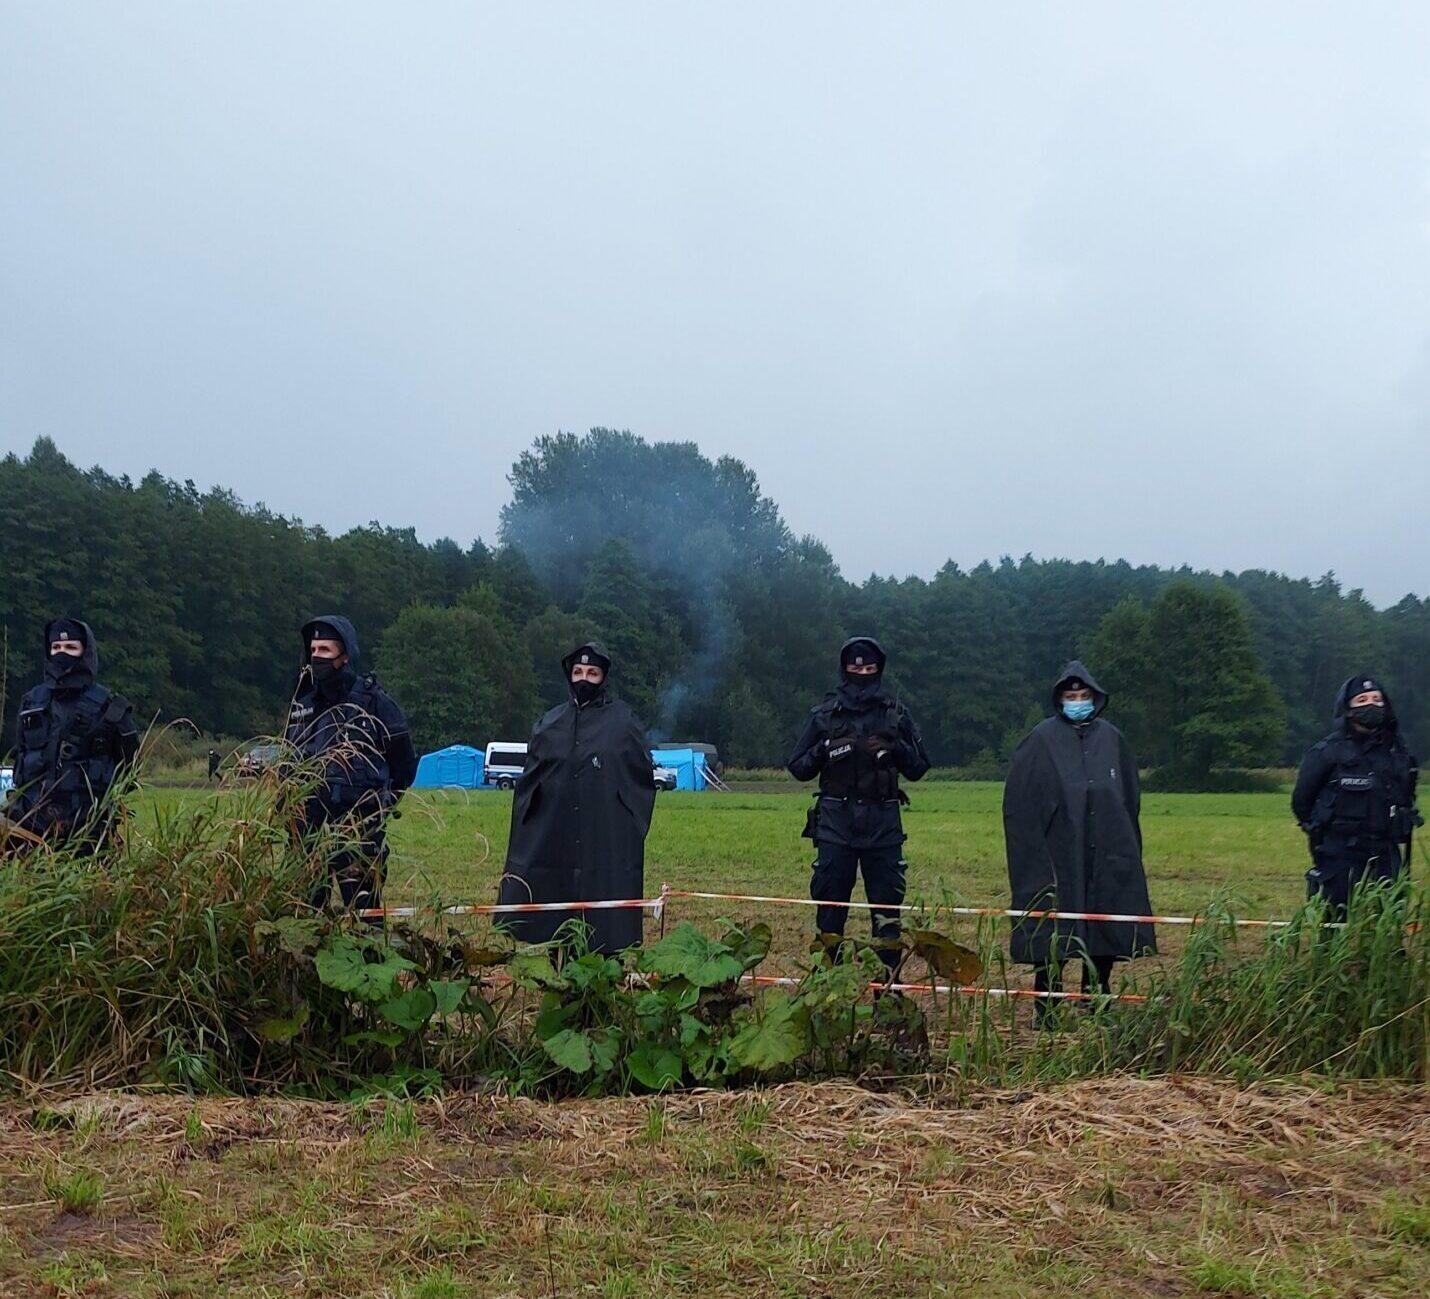 na zdjęciu policjanci w stoją szpalerem wzdłuż prowizorycznego ogrodzenia z białopczerwonej wstążki